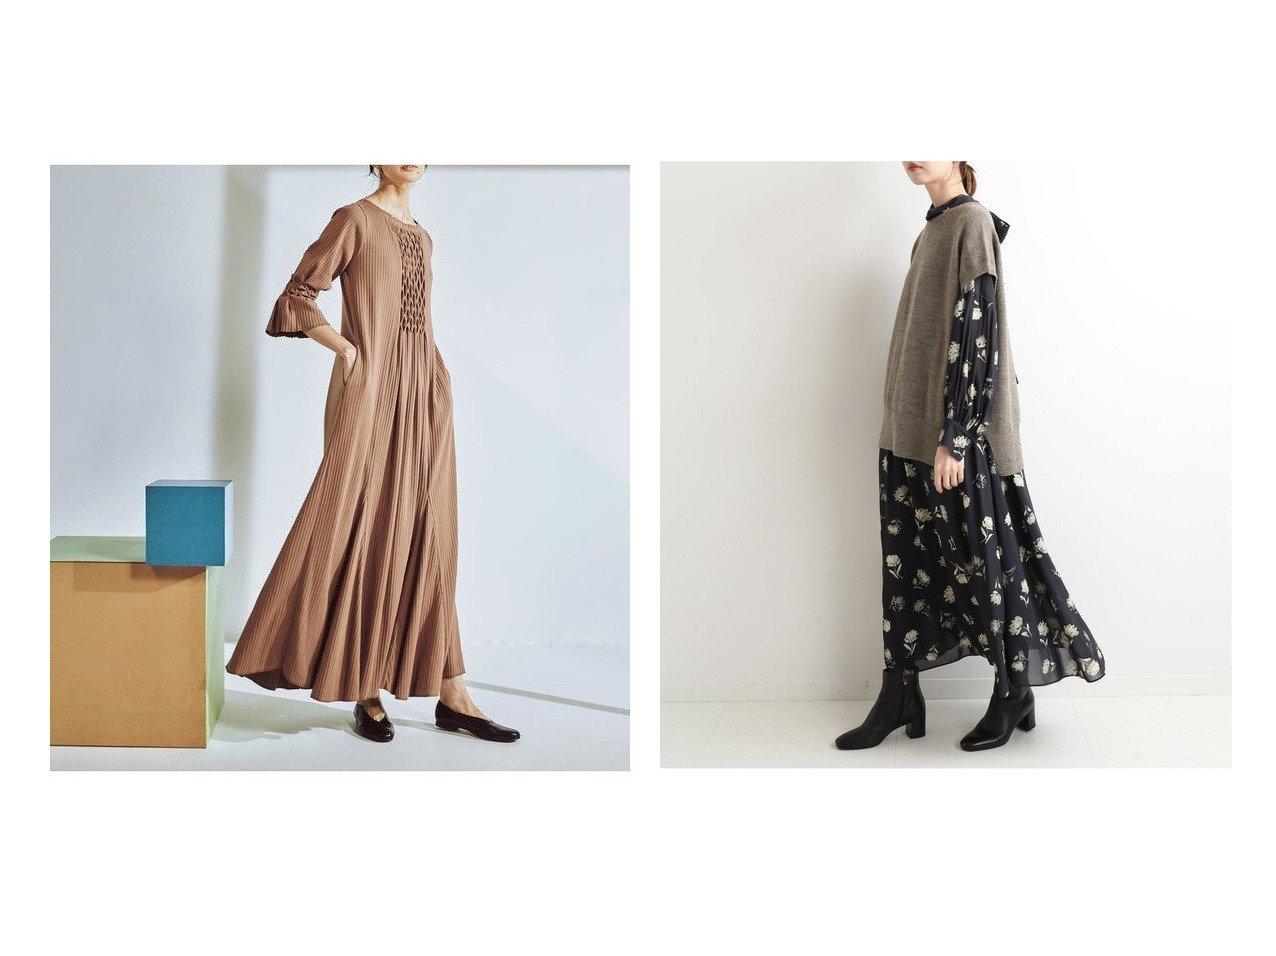 【IENA/イエナ】のカッセンデシンバックボウワンピース&【Ray BEAMS/レイ ビームス】のリブ スモッキング ワンピース ワンピース・ドレスのおすすめ!人気、レディースファッションの通販  おすすめで人気のファッション通販商品 インテリア・家具・キッズファッション・メンズファッション・レディースファッション・服の通販 founy(ファニー) https://founy.com/ ファッション Fashion レディース WOMEN ワンピース Dress アクセサリー スモッキング A/W 秋冬 Autumn &  Winter スウェット スタンド フラワー プリント マキシ 無地 |ID:crp329100000004277